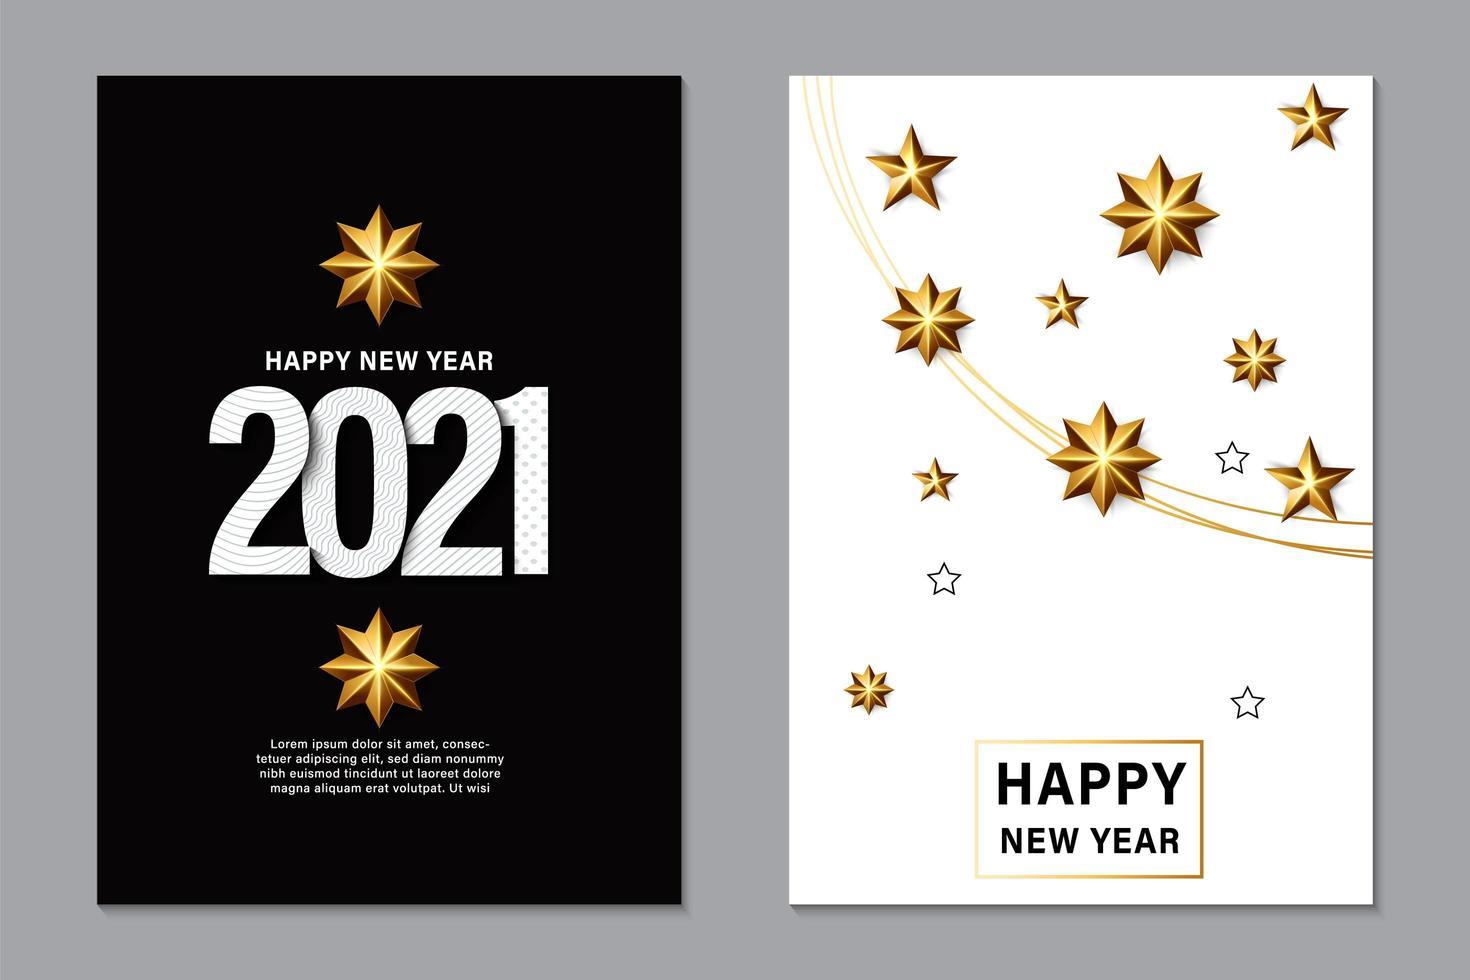 2021 anno nuovo sfondo per biglietto di auguri vacanza vettore